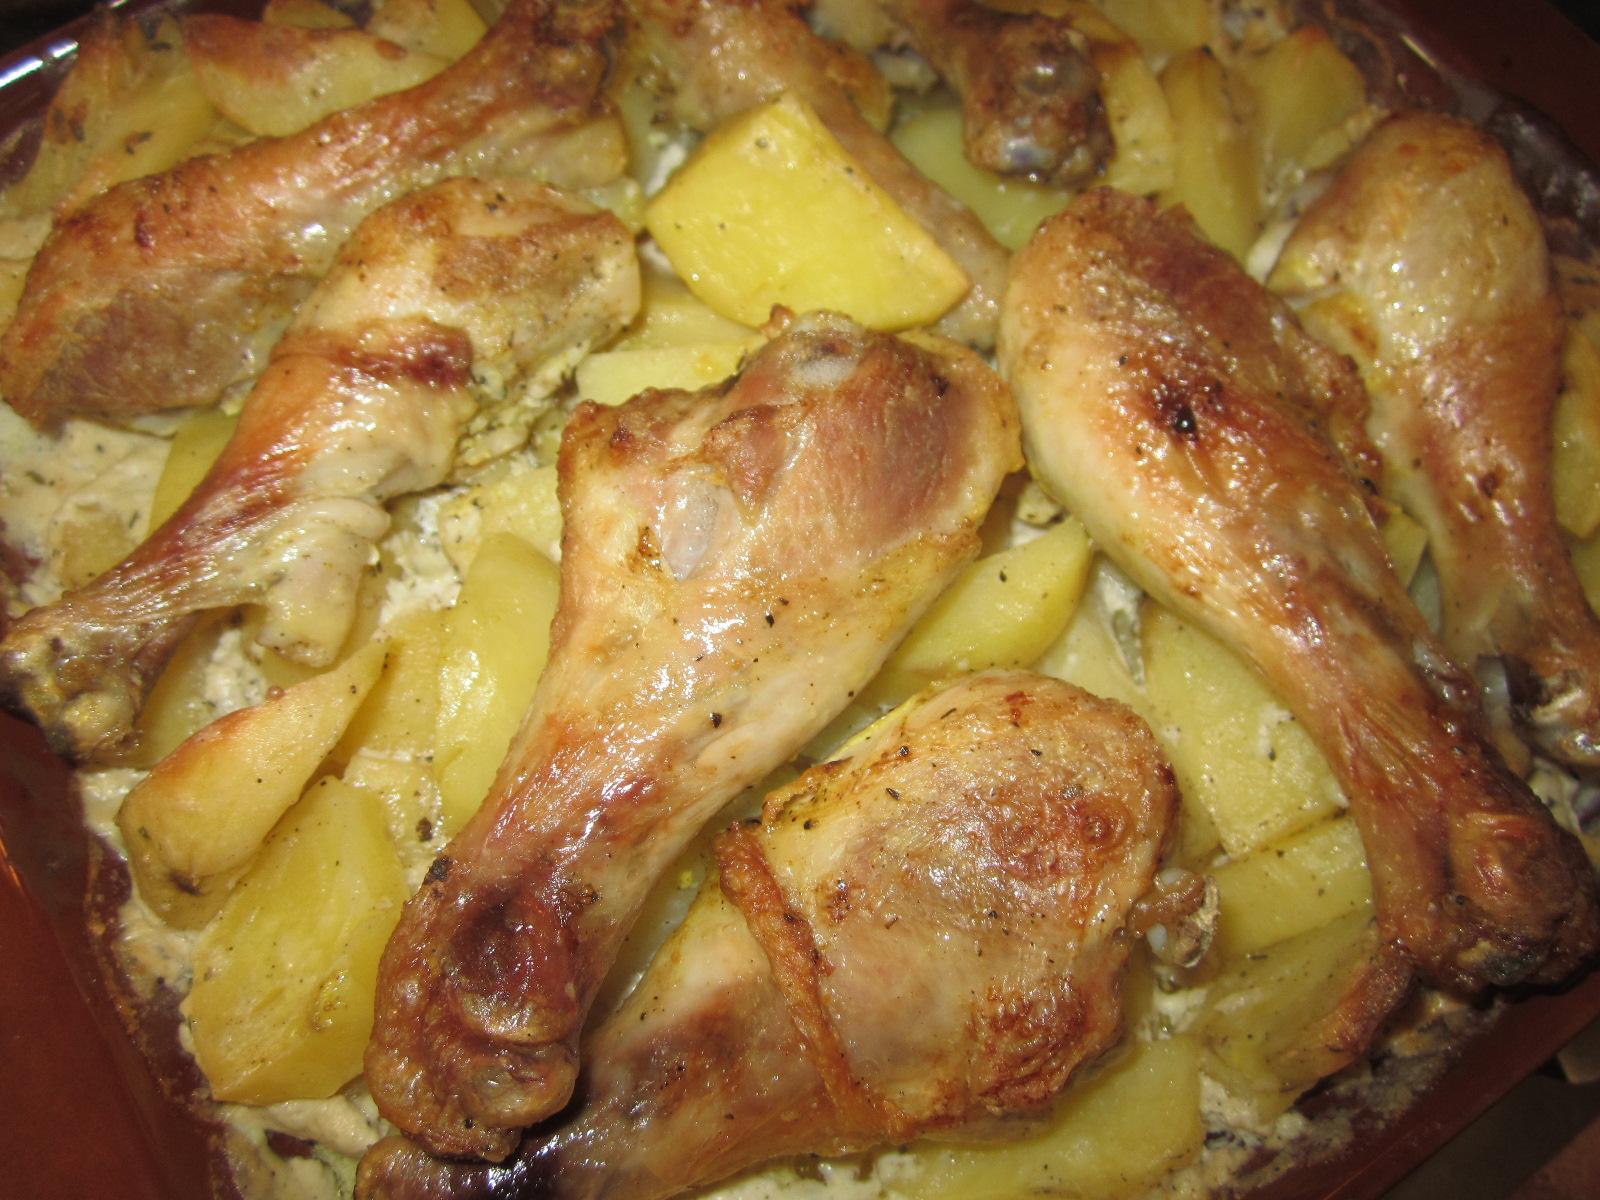 куриные ножки запеченные в духовке с картошкой